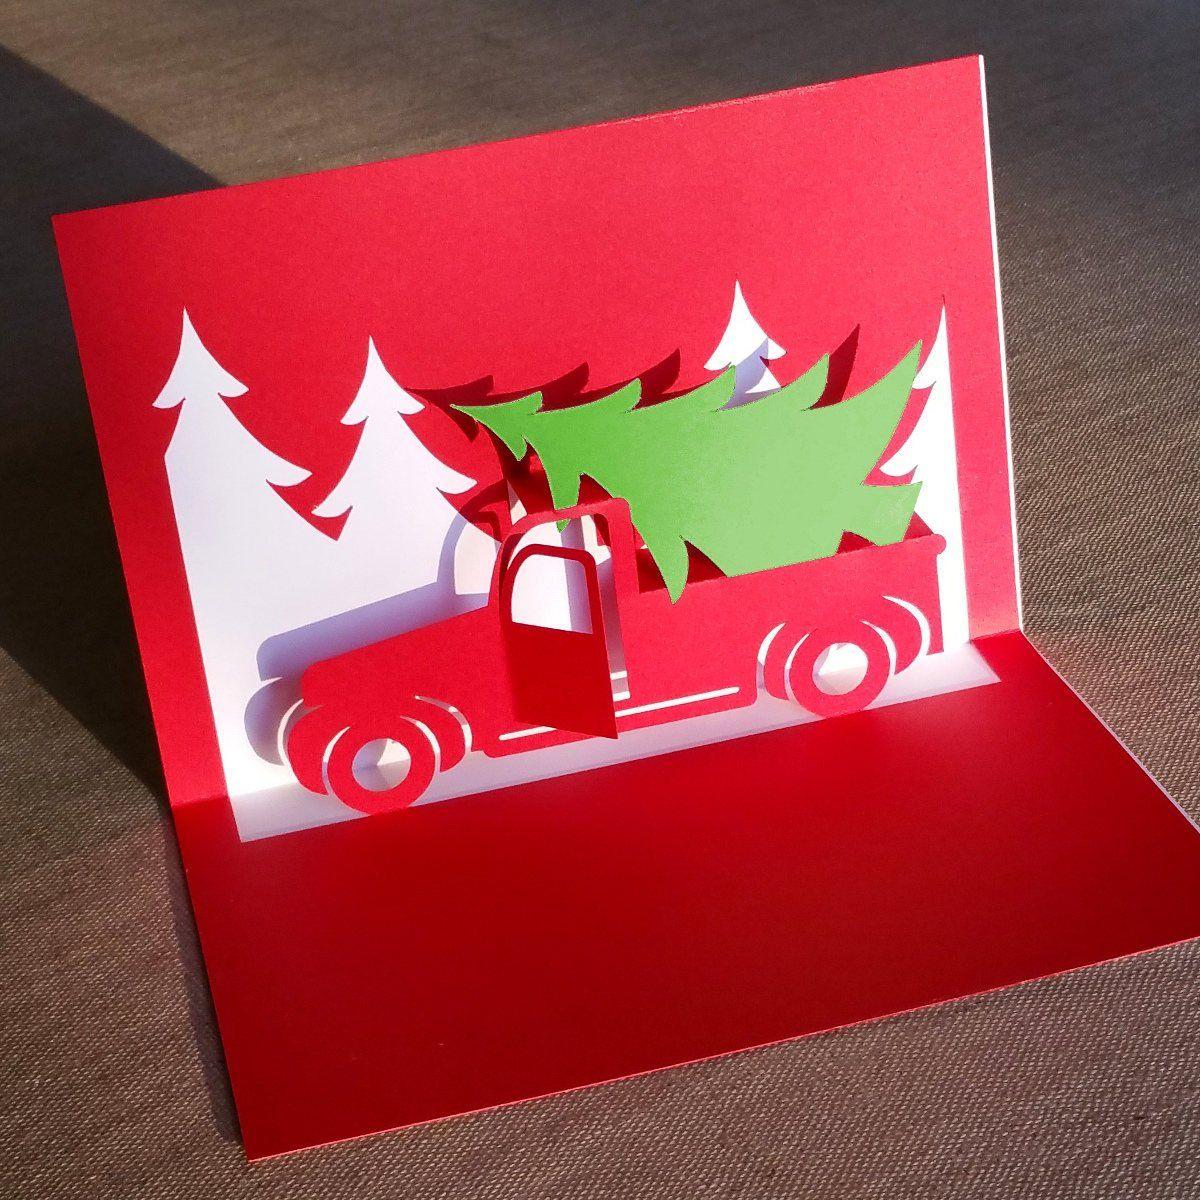 Christmas Truck Pop Up Card Template Pop Up Christmas Cards Diy Pop Up Cards Pop Up Card Templates